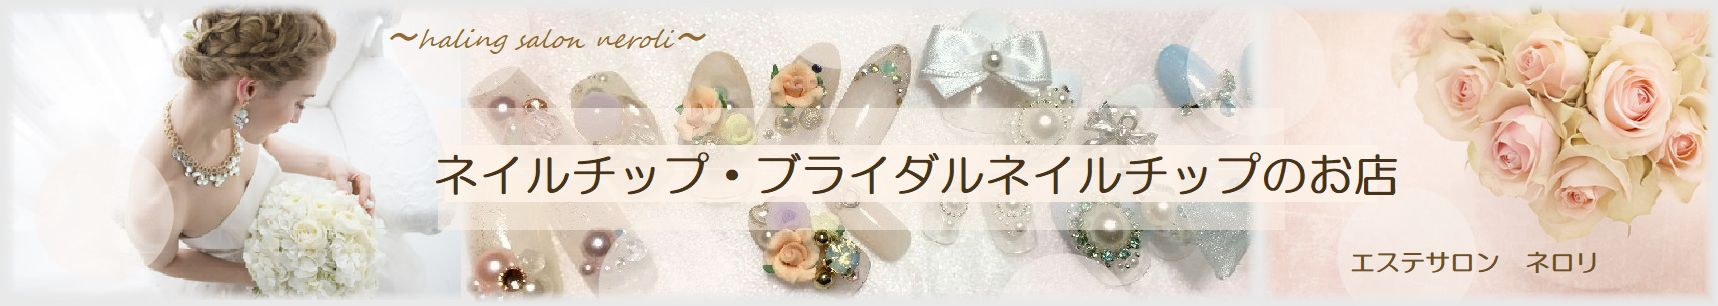 ネロリのネイルチップ・ブライダルネイル販売・ジェルネイルのハンドメイド作品